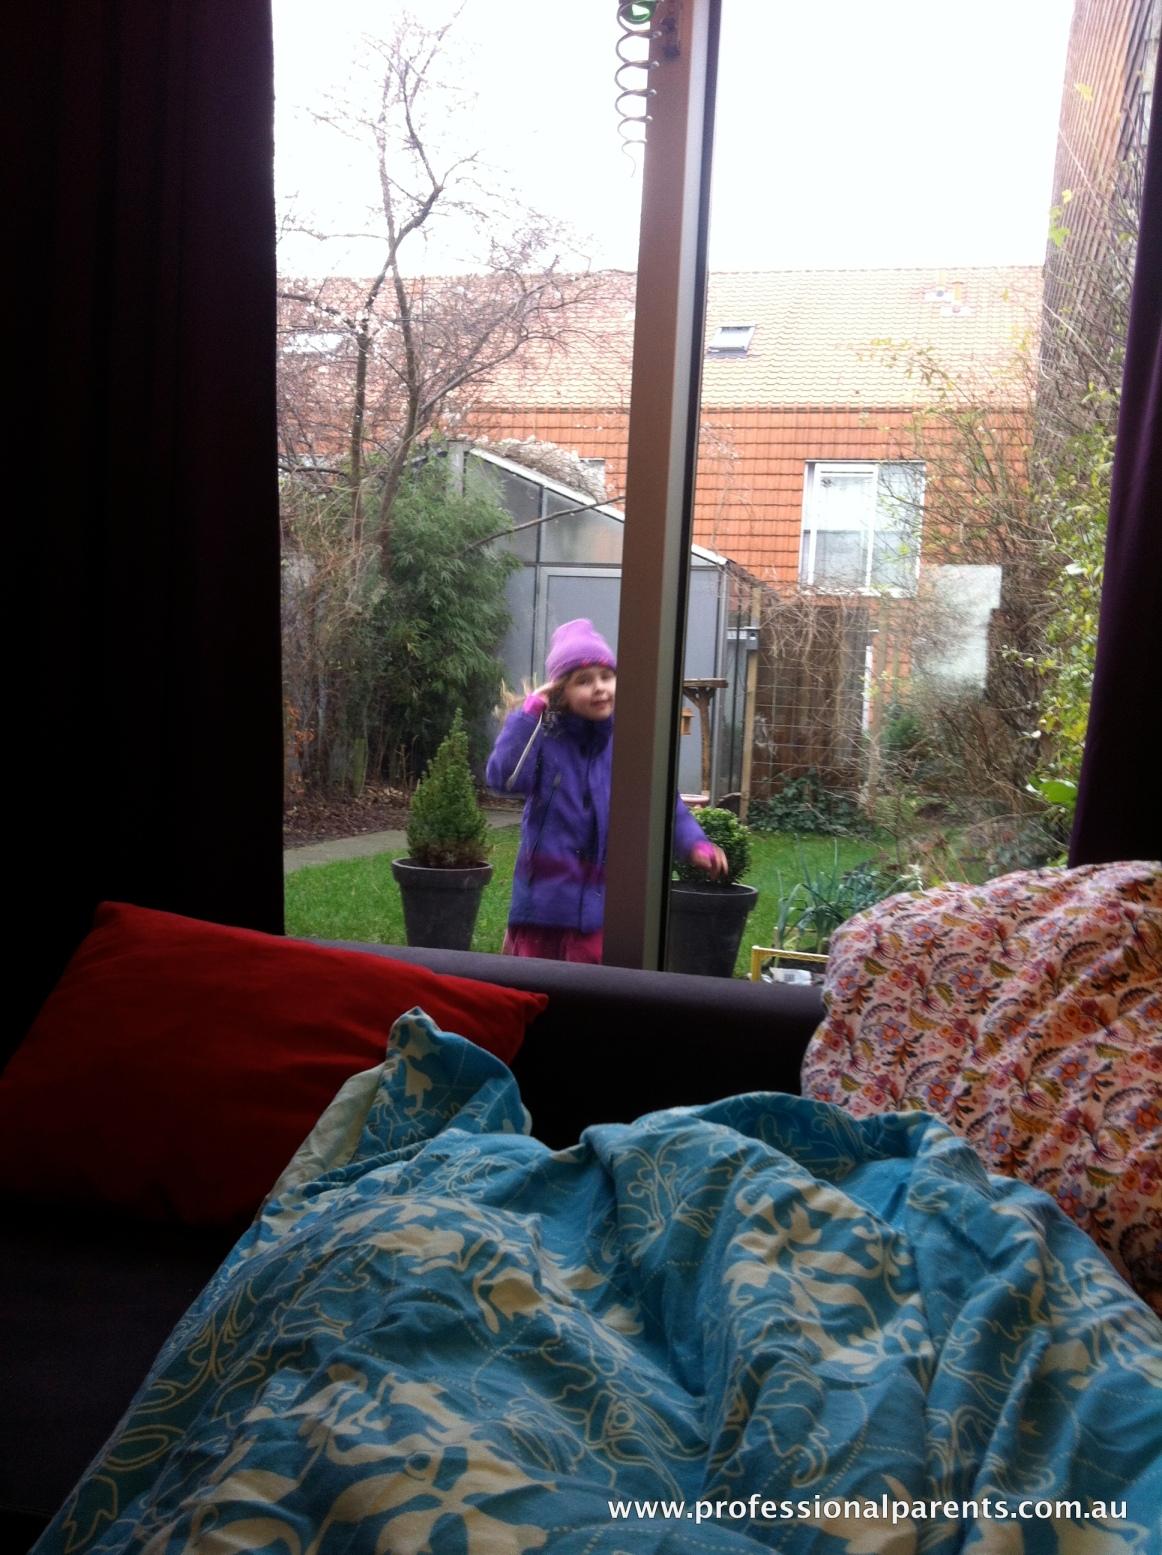 sophia in the garden